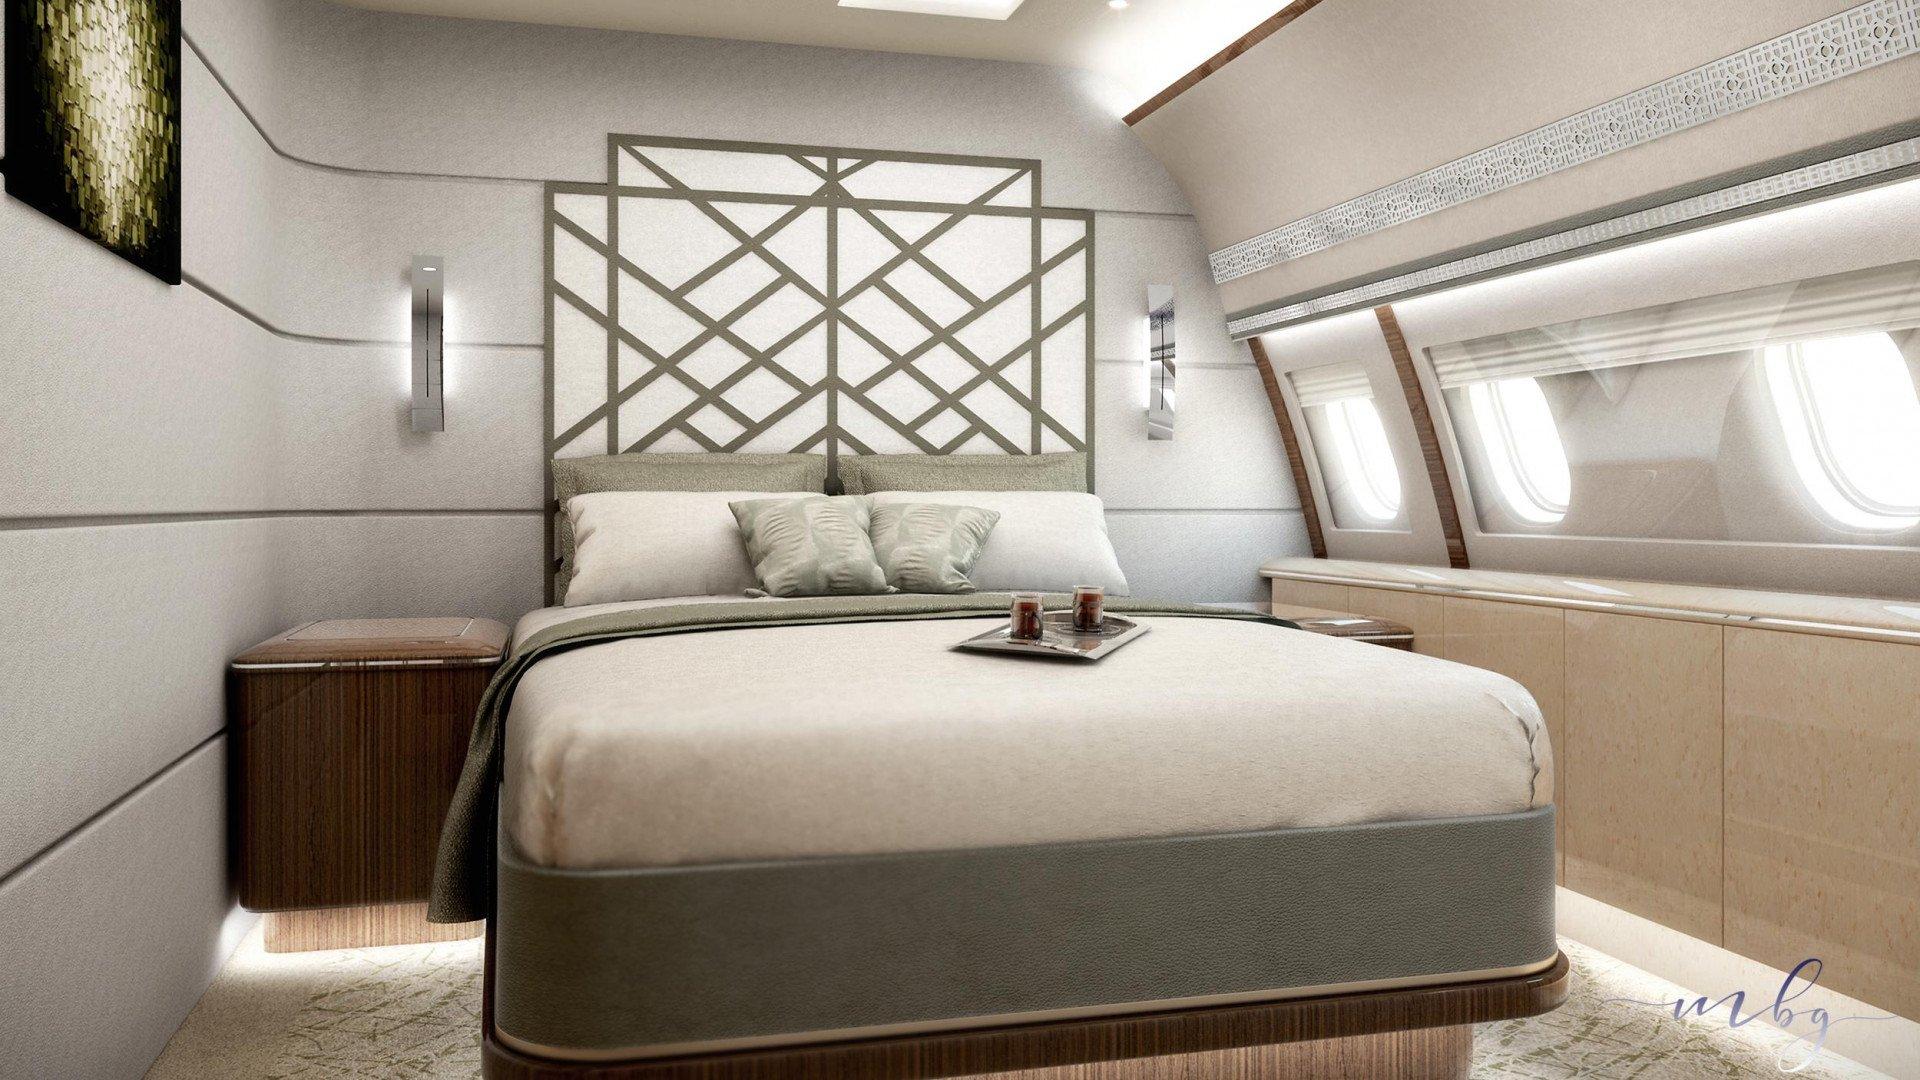 A320 bedroom MBG International Design